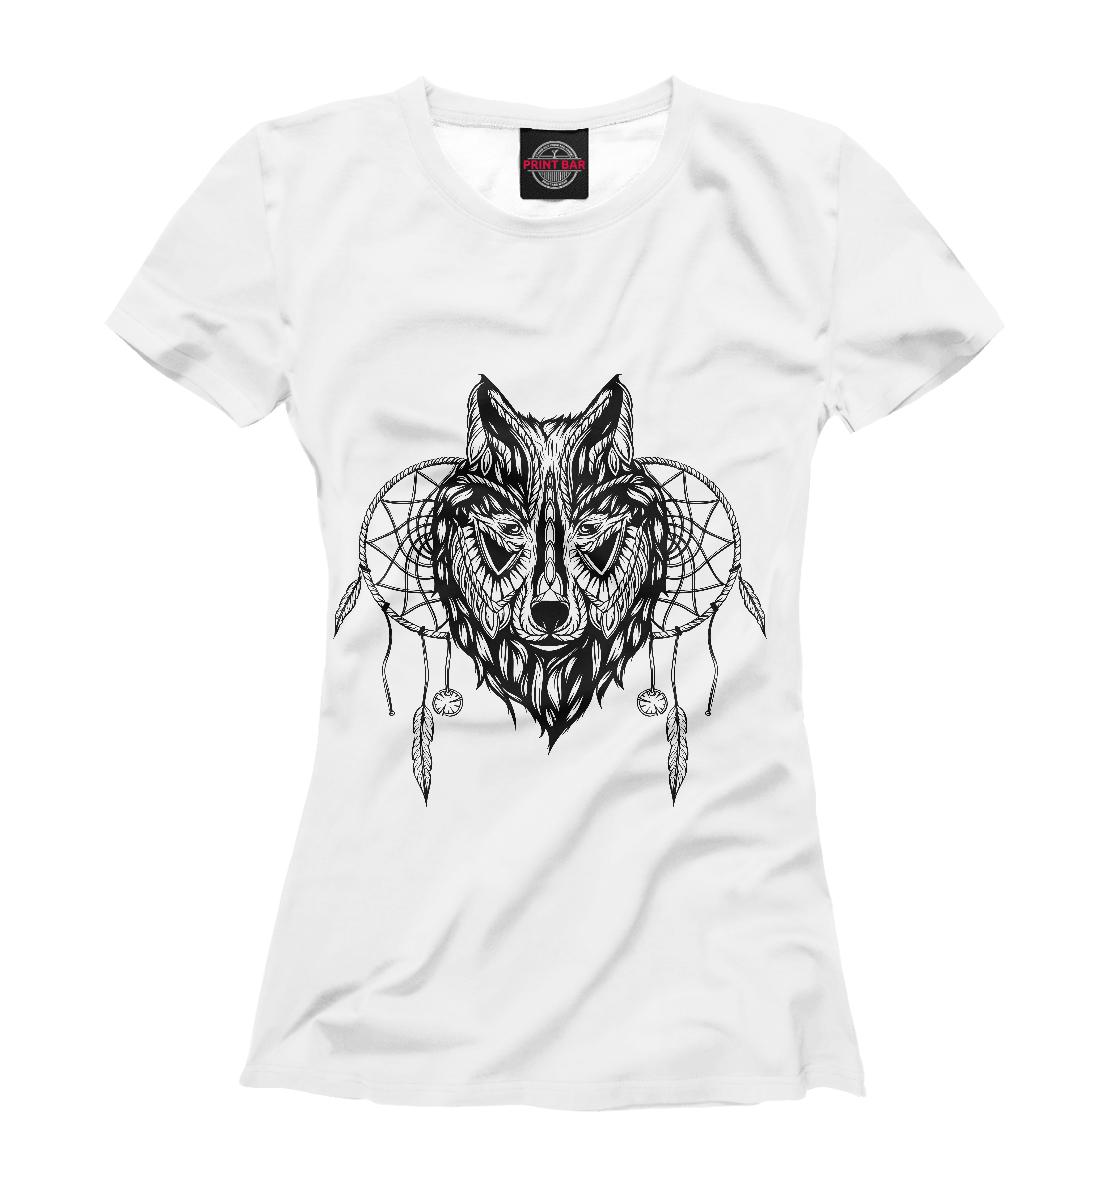 Купить Этно-волк, Printbar, Футболки, VLF-905850-fut-1